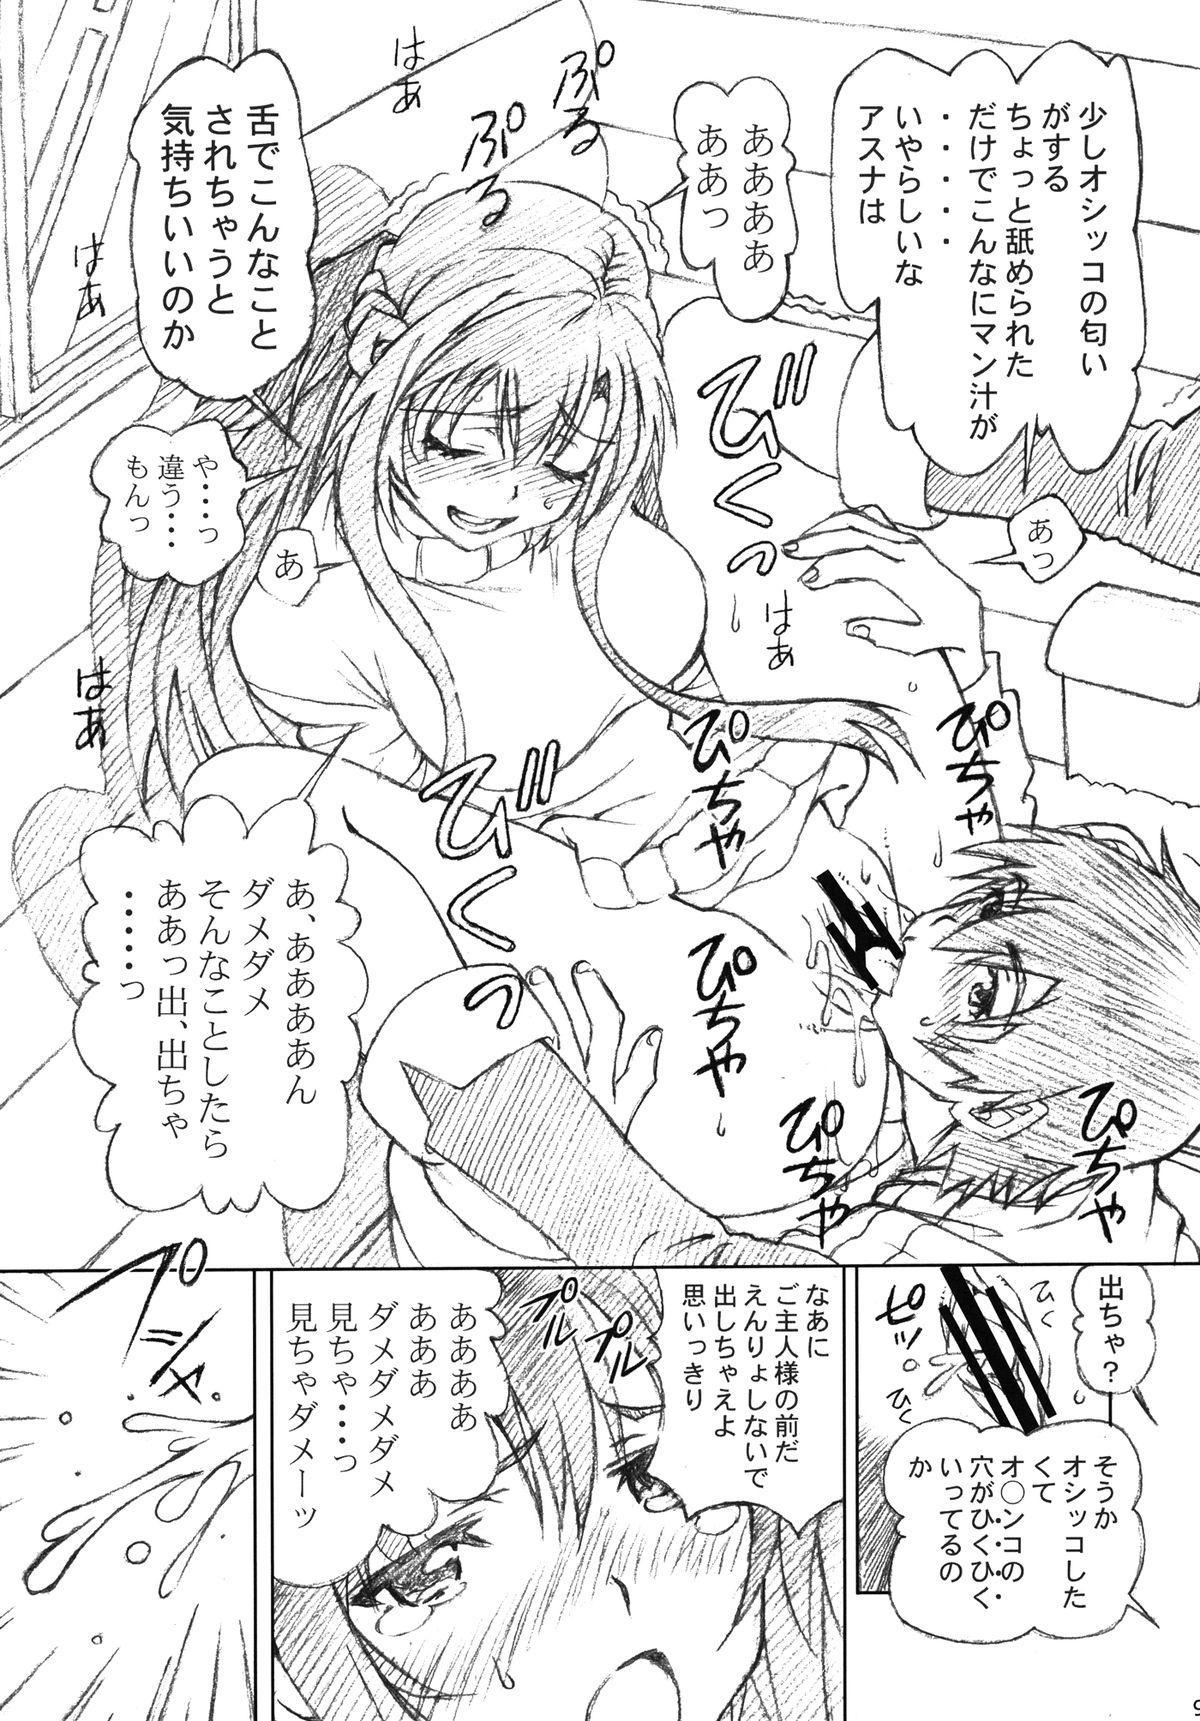 Asuna to Kirito no Icha Love Teki Shinkon Seikatsu 8